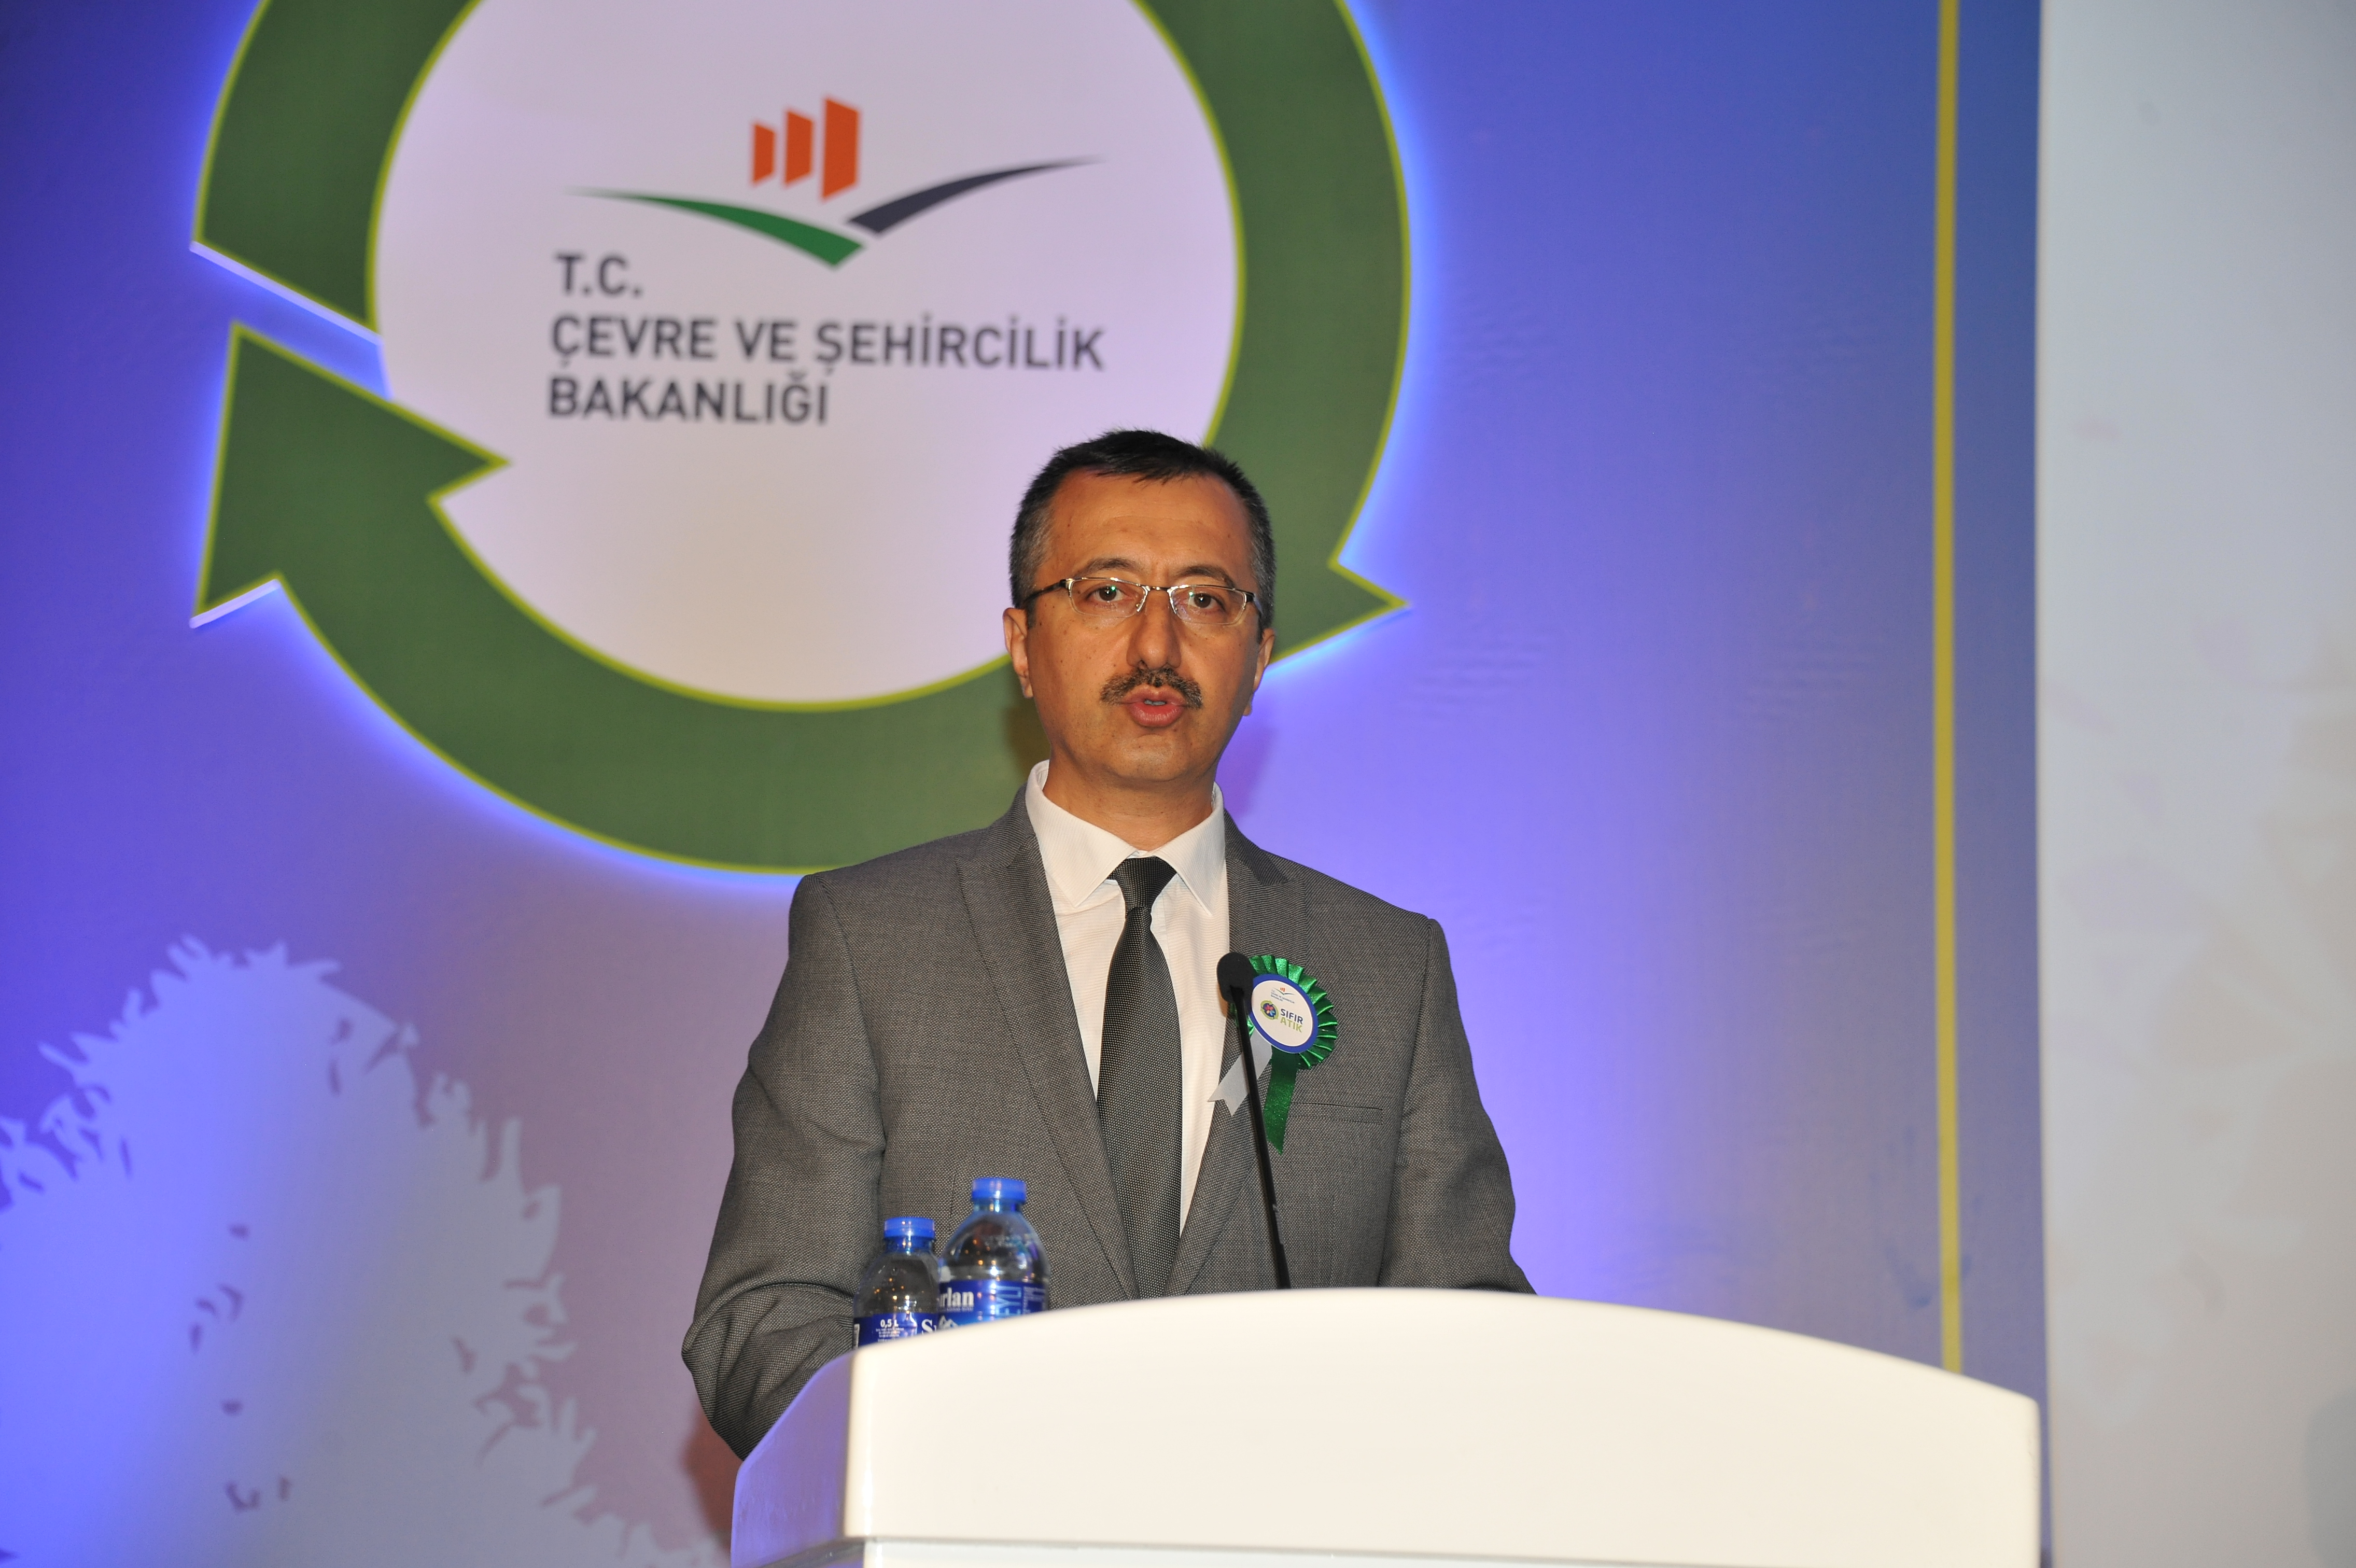 Oyunculardan Emine Erdoğanın sıfır atık projesine destek 13